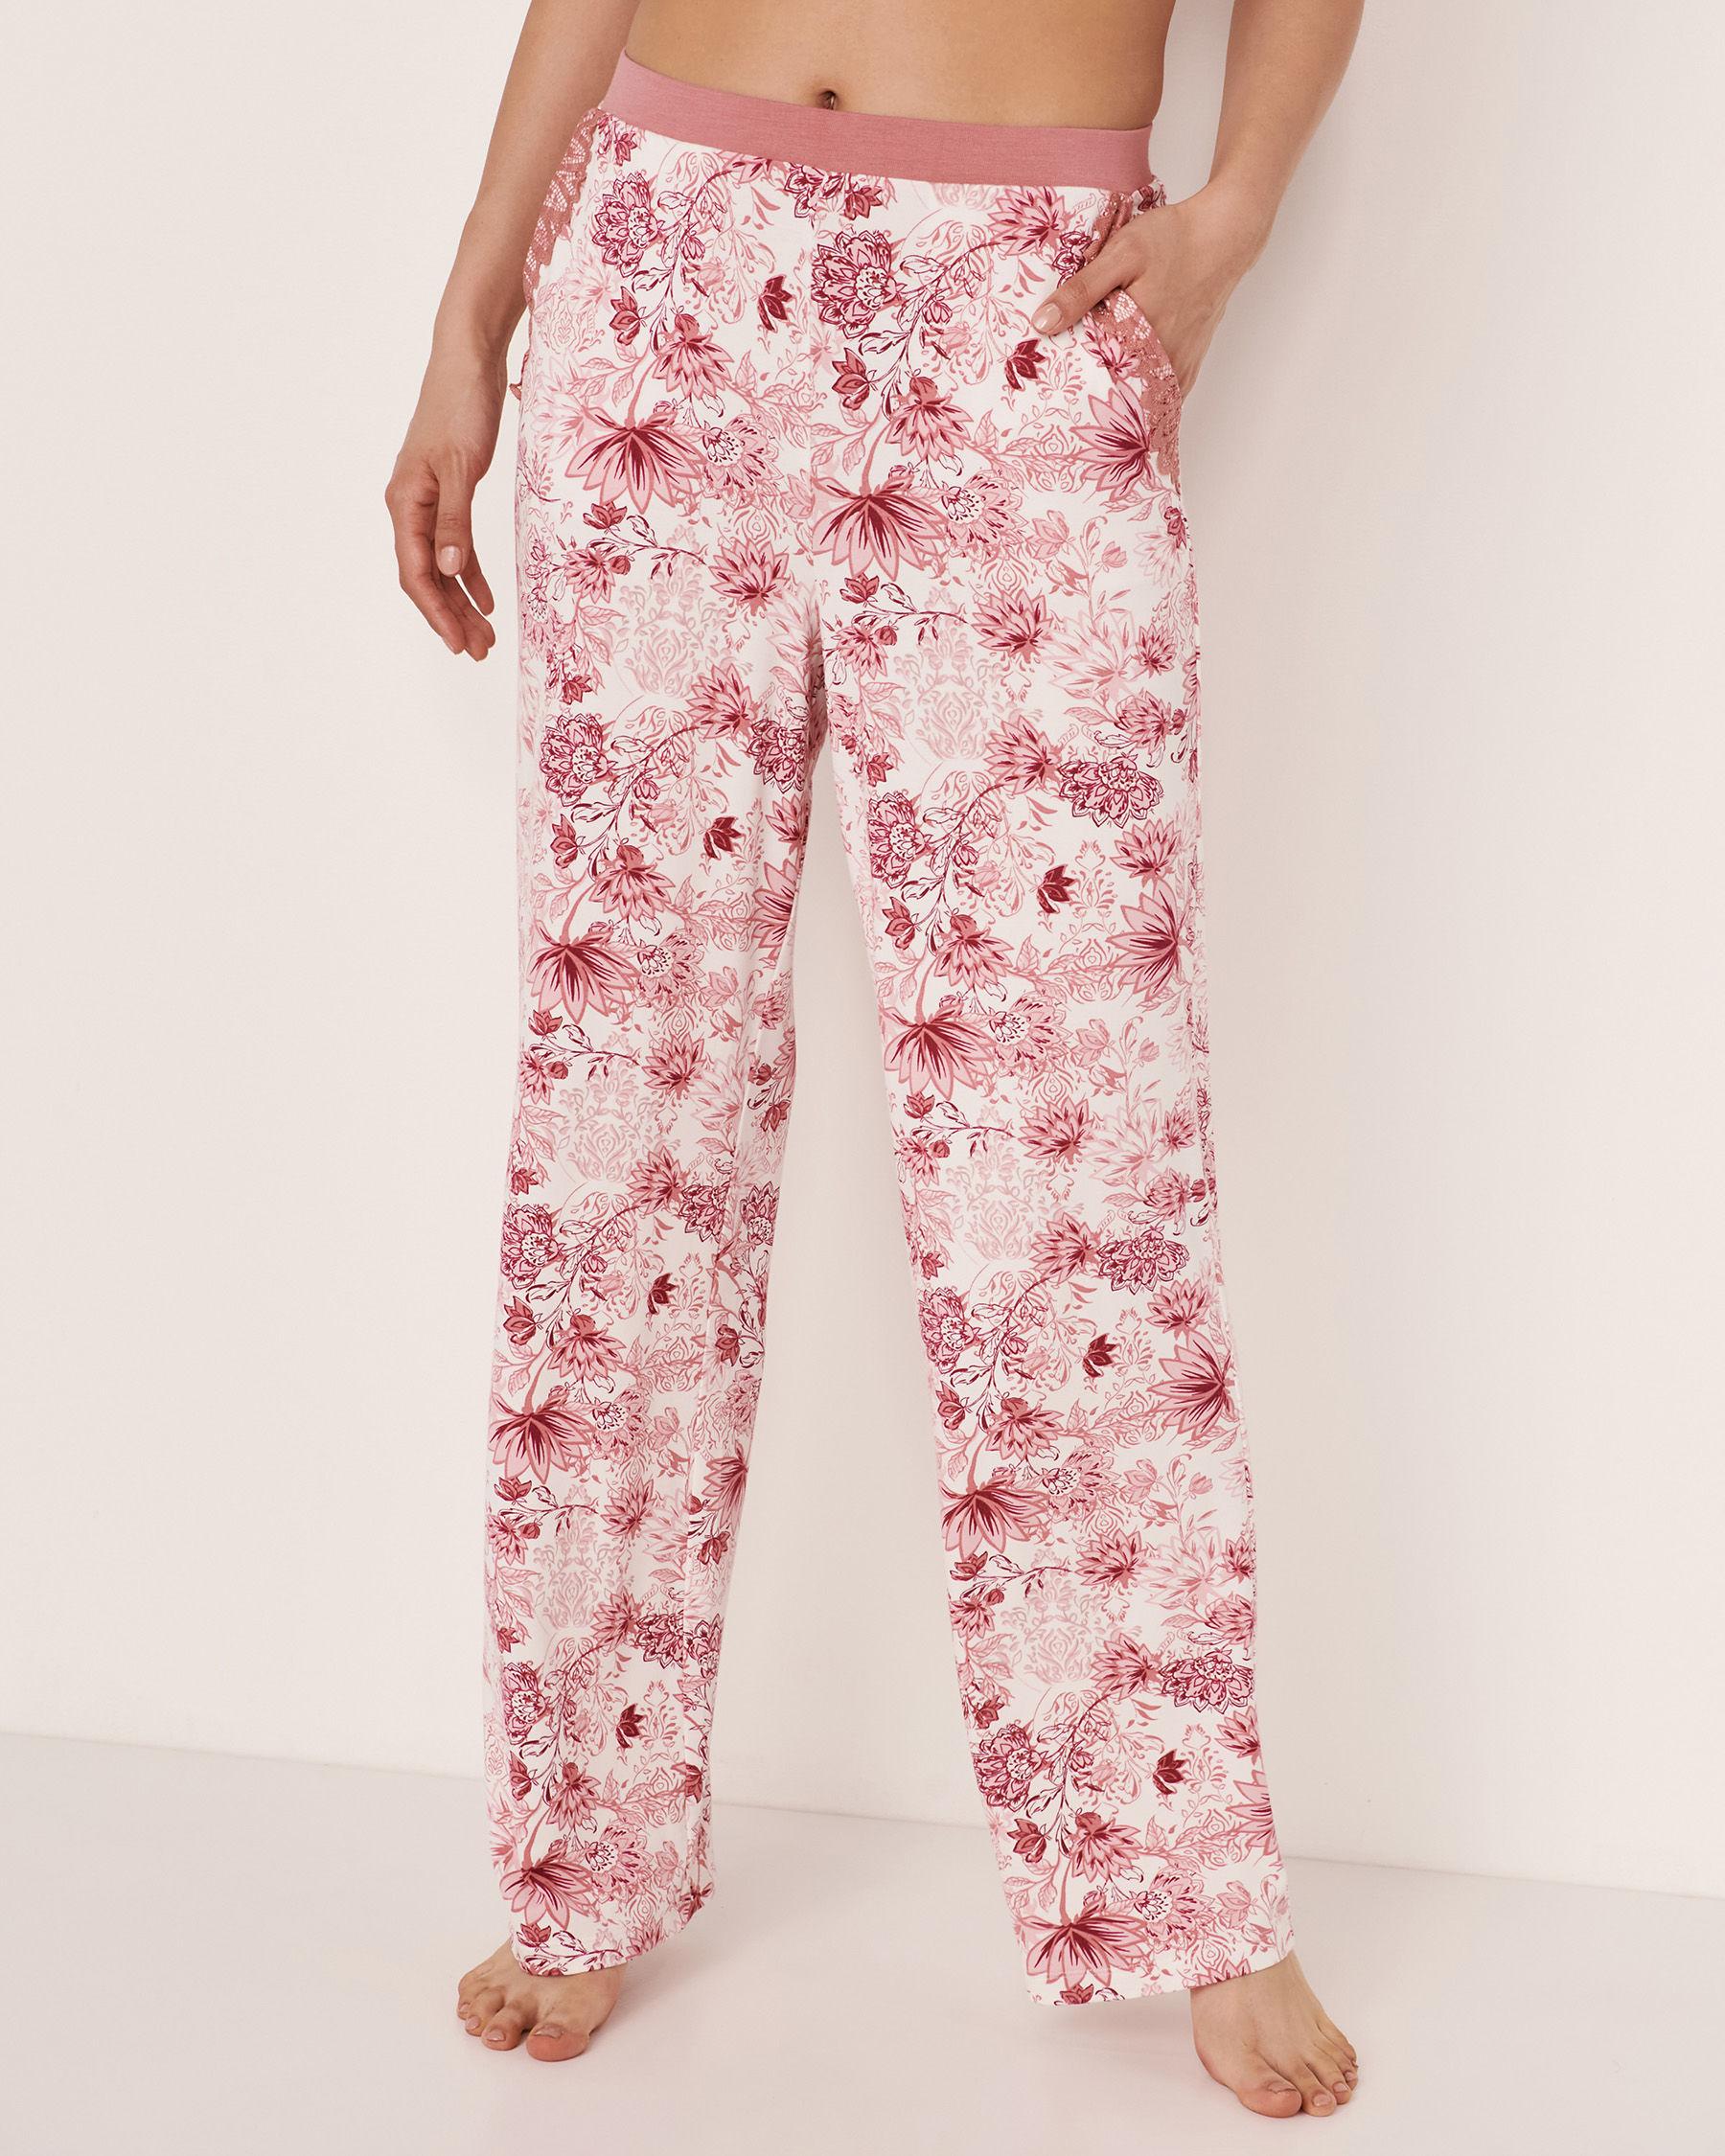 LA VIE EN ROSE Lace Trim Modal Pant Pink flowers 40200077 - View1